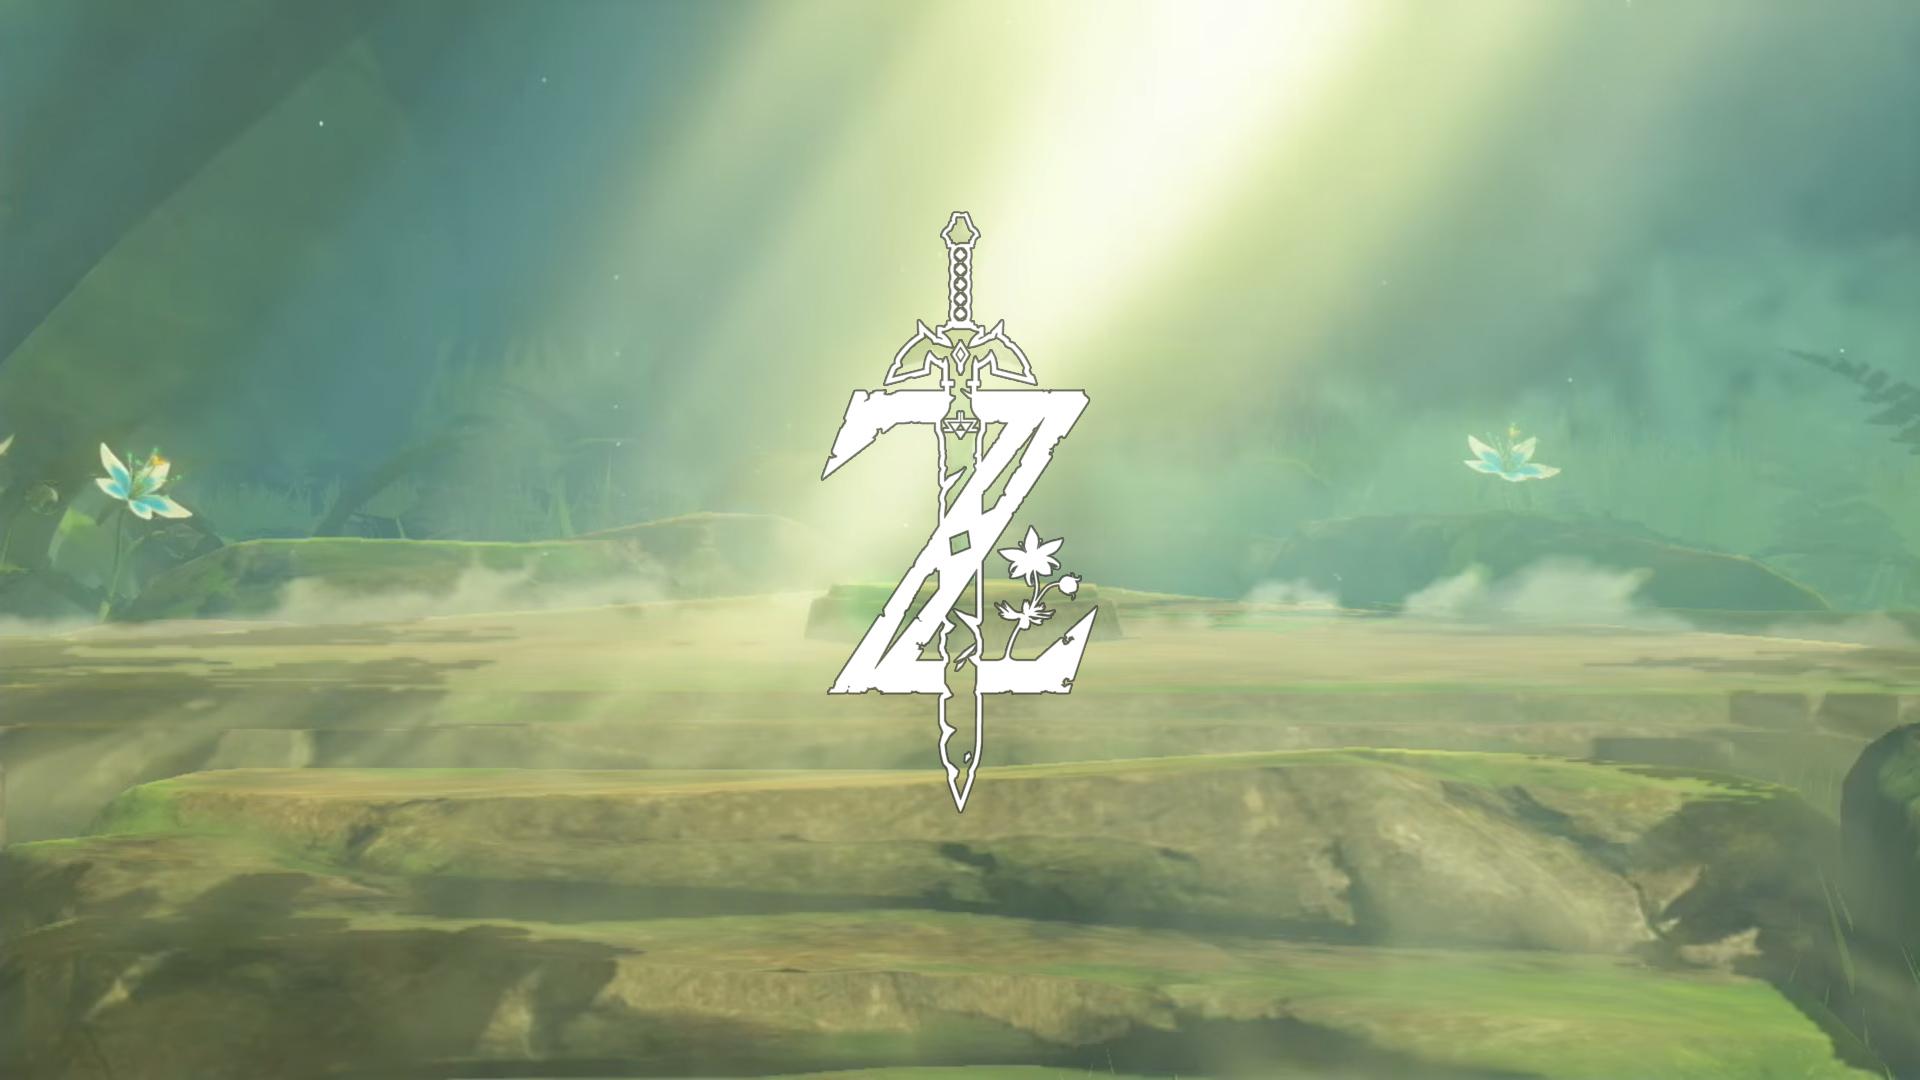 Legend Of Zelda Breath Of The Wild Wallpaper 1920x1080: The Legend Of Zelda: Breath Of The Wild HD Wallpaper